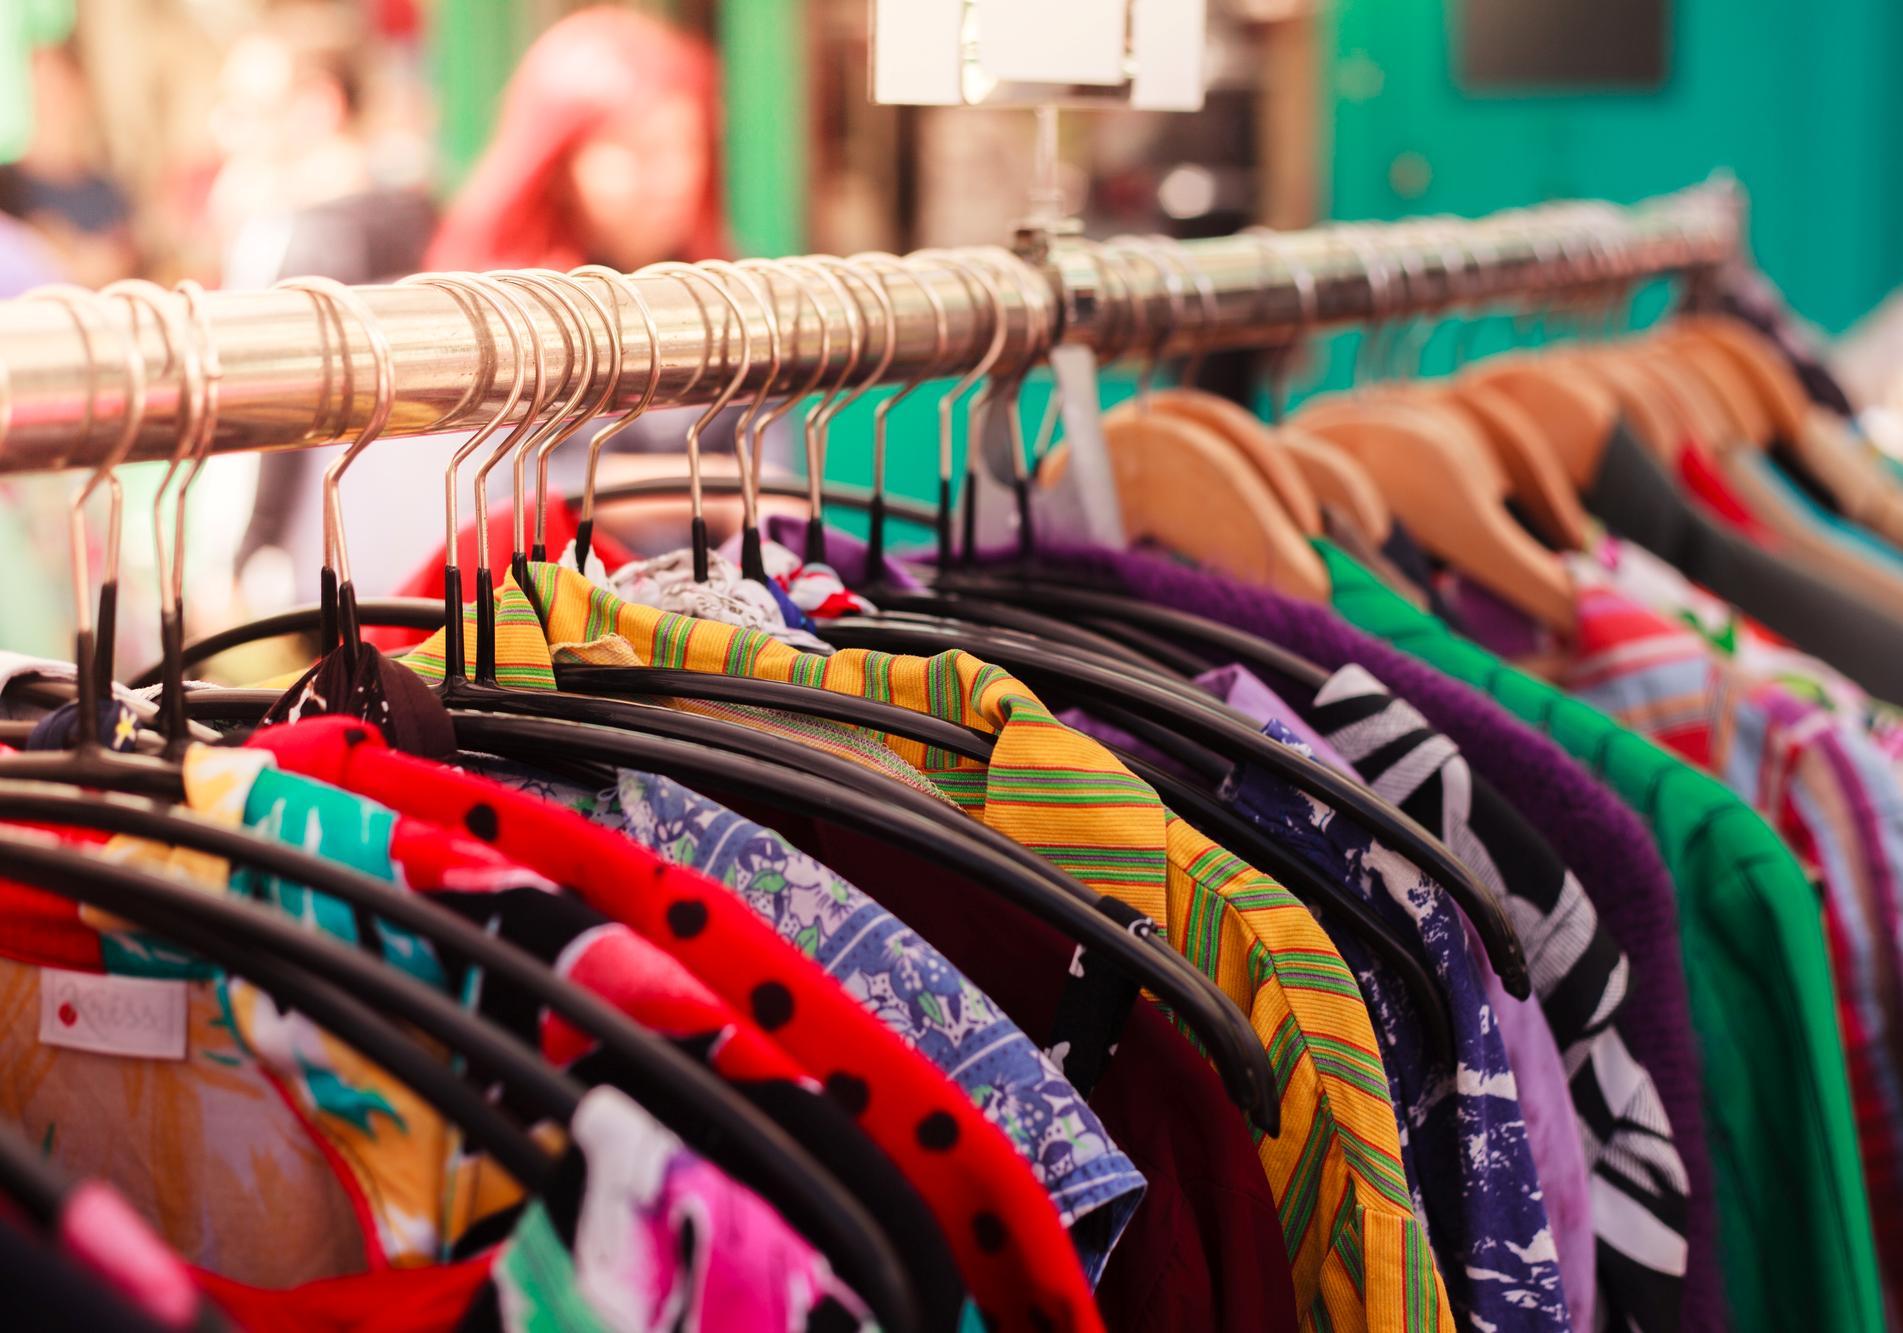 Топ секонд-хендов Киева, где можно купить недорогую и брендовую одежду -  Киев Vgorode.ua